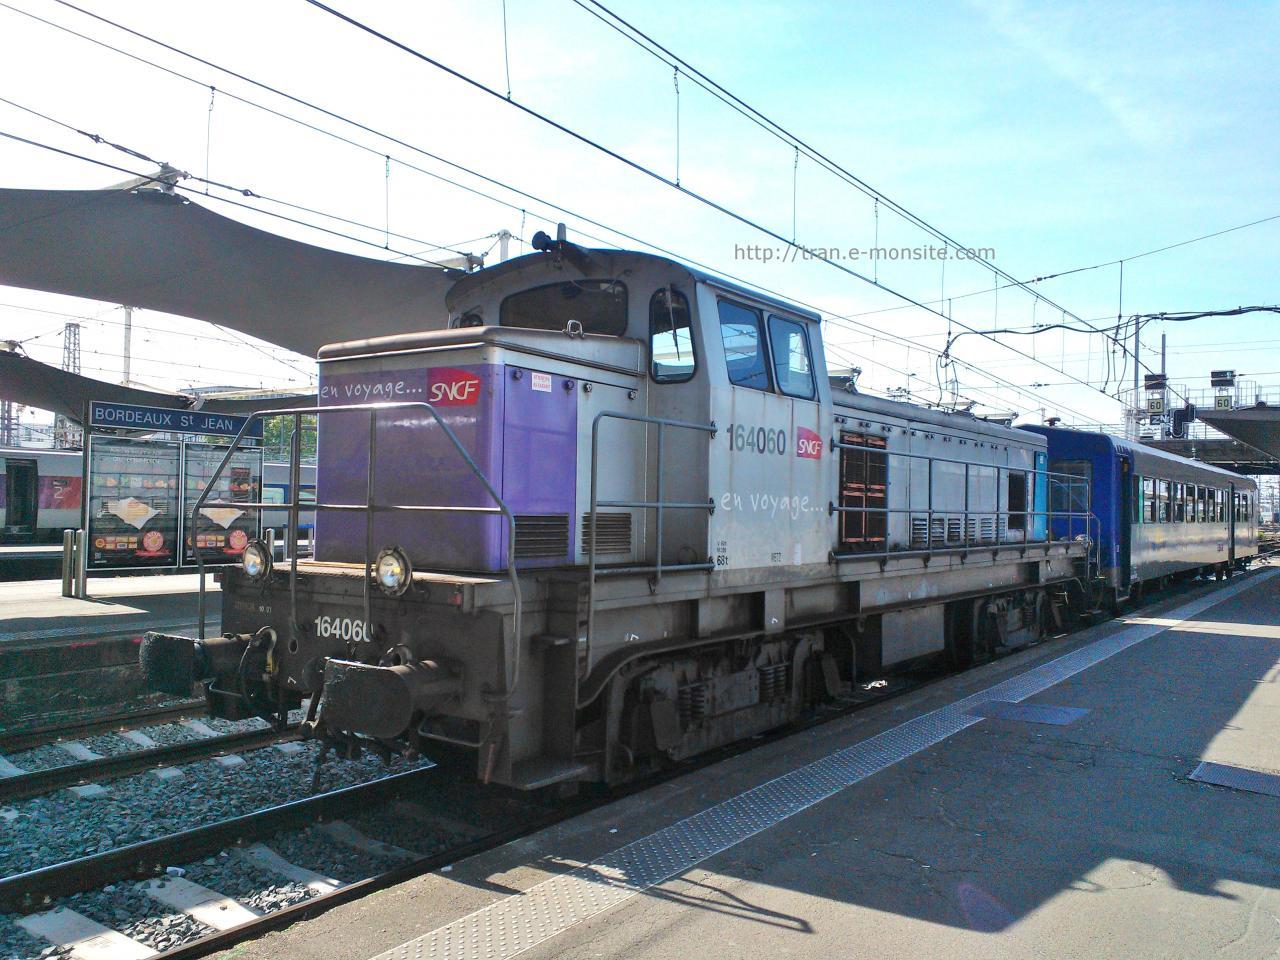 """BB 64060 en livrée """"en voyage"""" manoeuvrant une rame TER Aquitaine"""